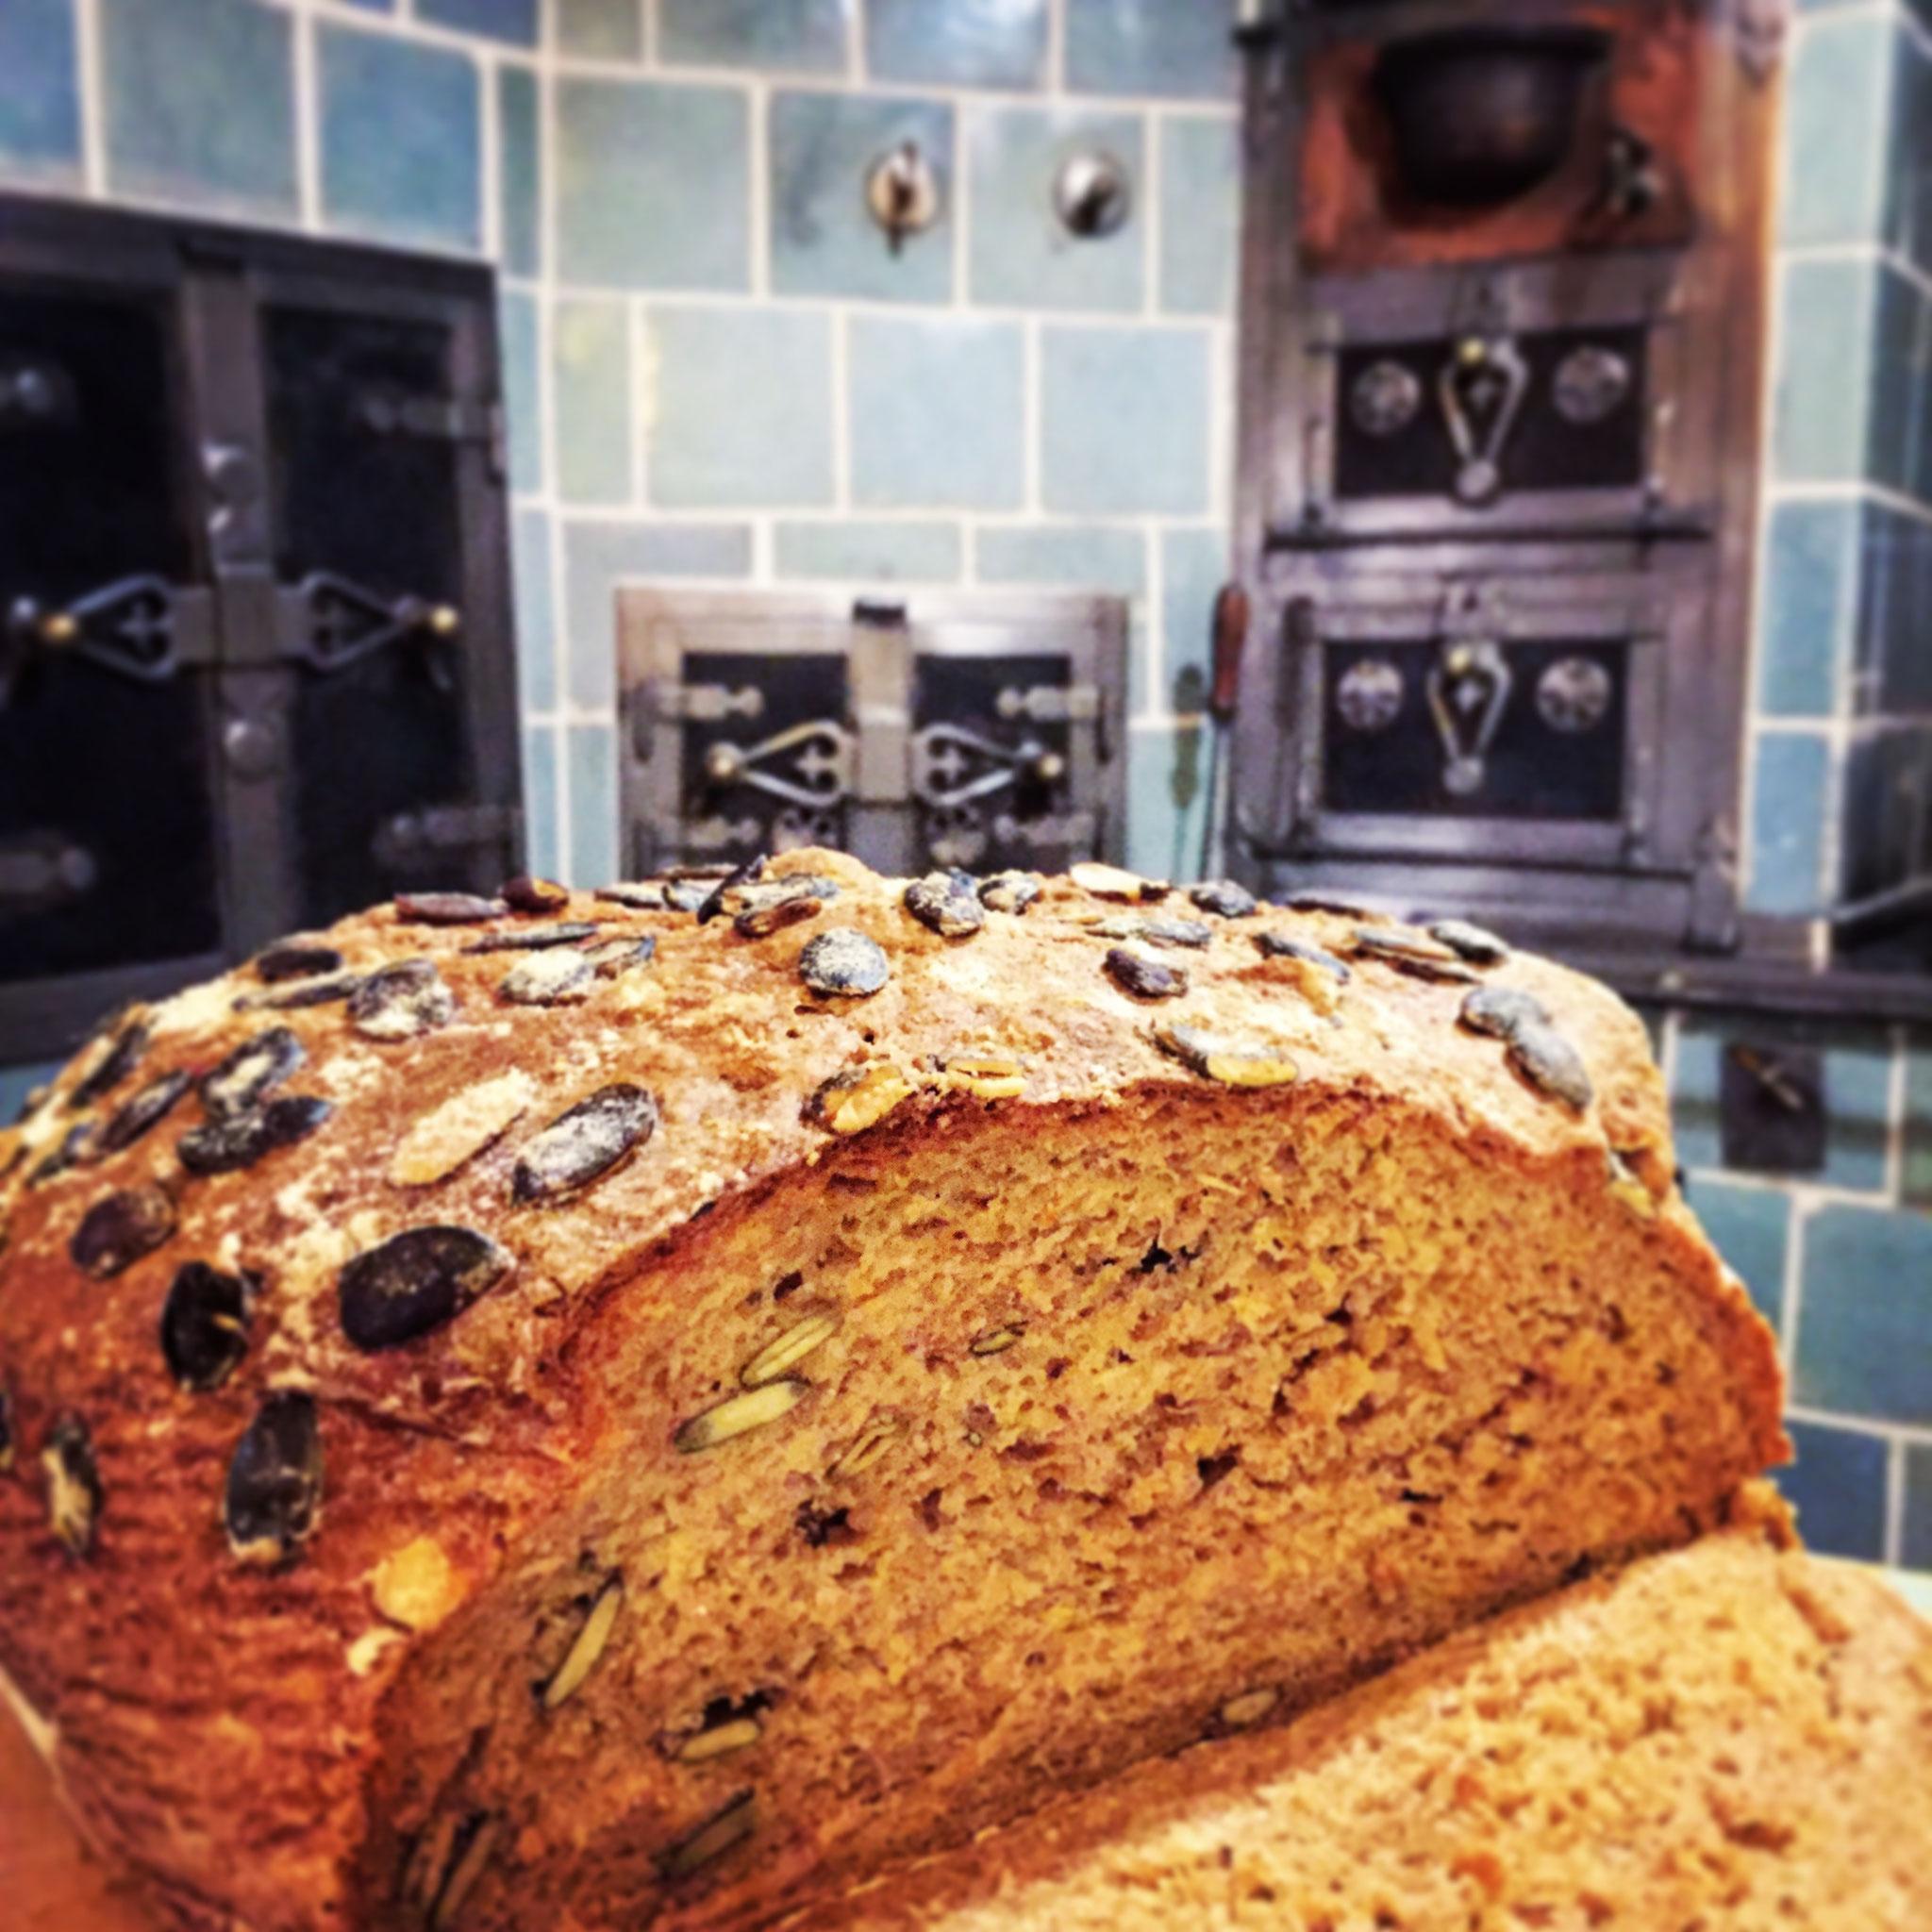 Selbst gebackenes Brot ist etwas Besonderes